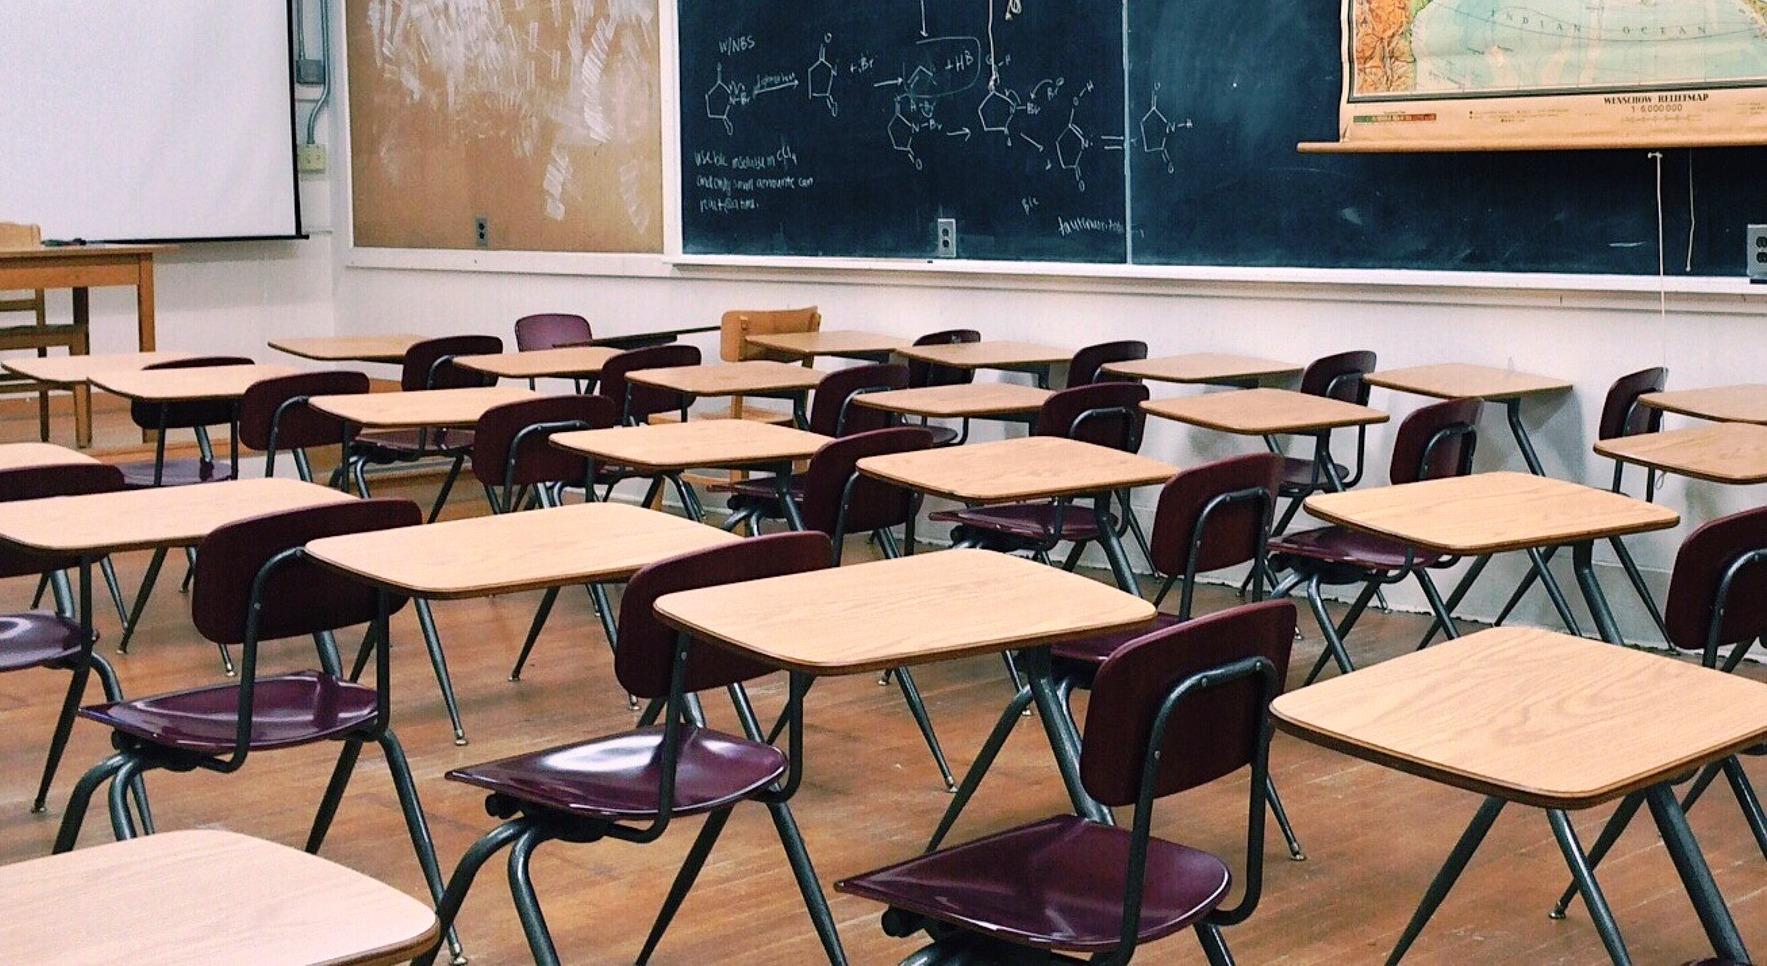 Буџетских пара за образовање више, али ђака све мање